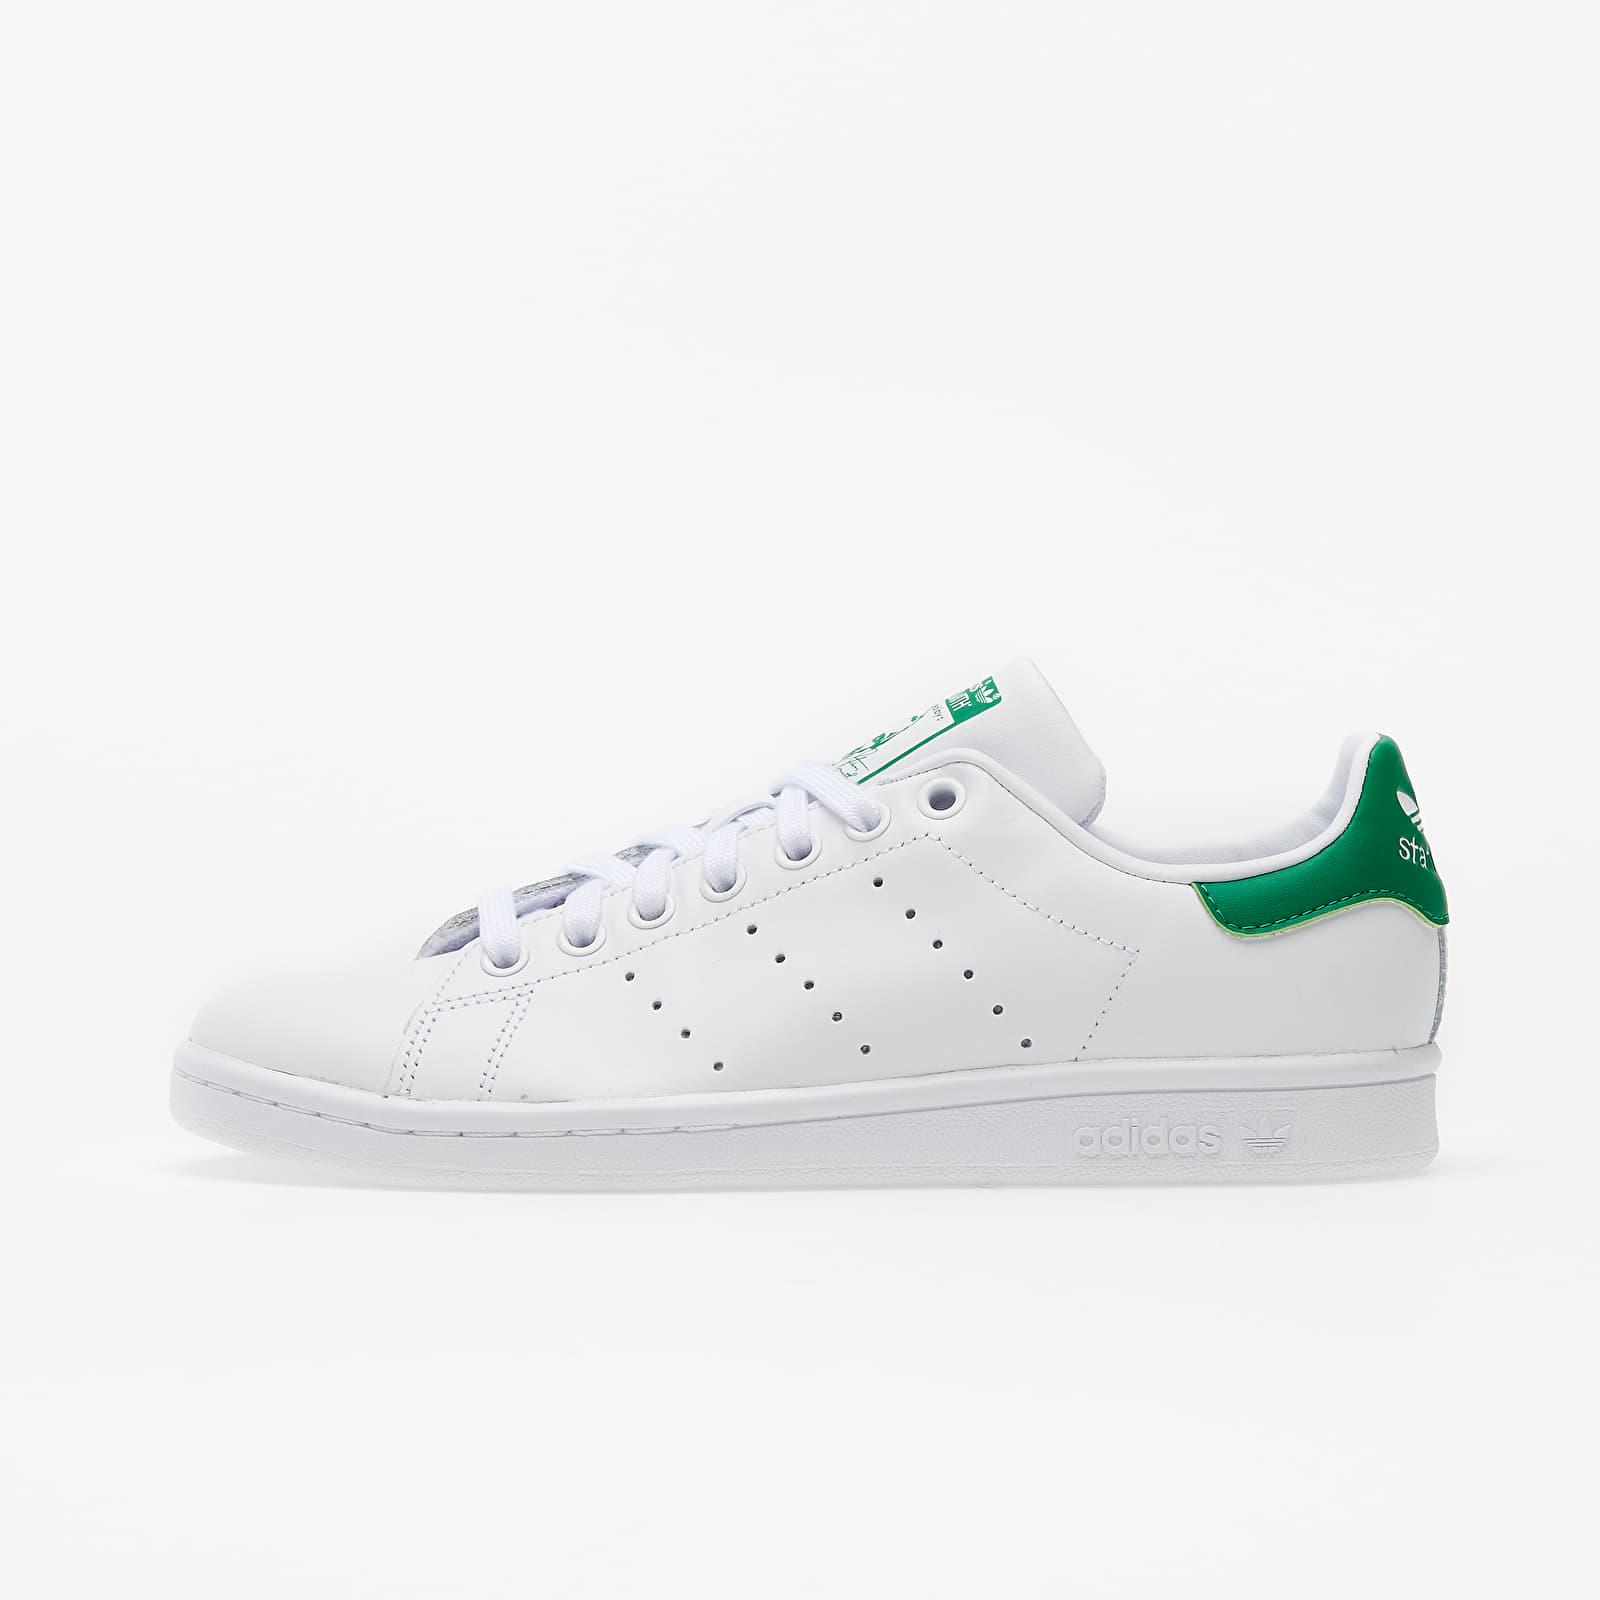 Ανδρικά παπούτσια adidas Stan Smith Run Ftw White/ Core White